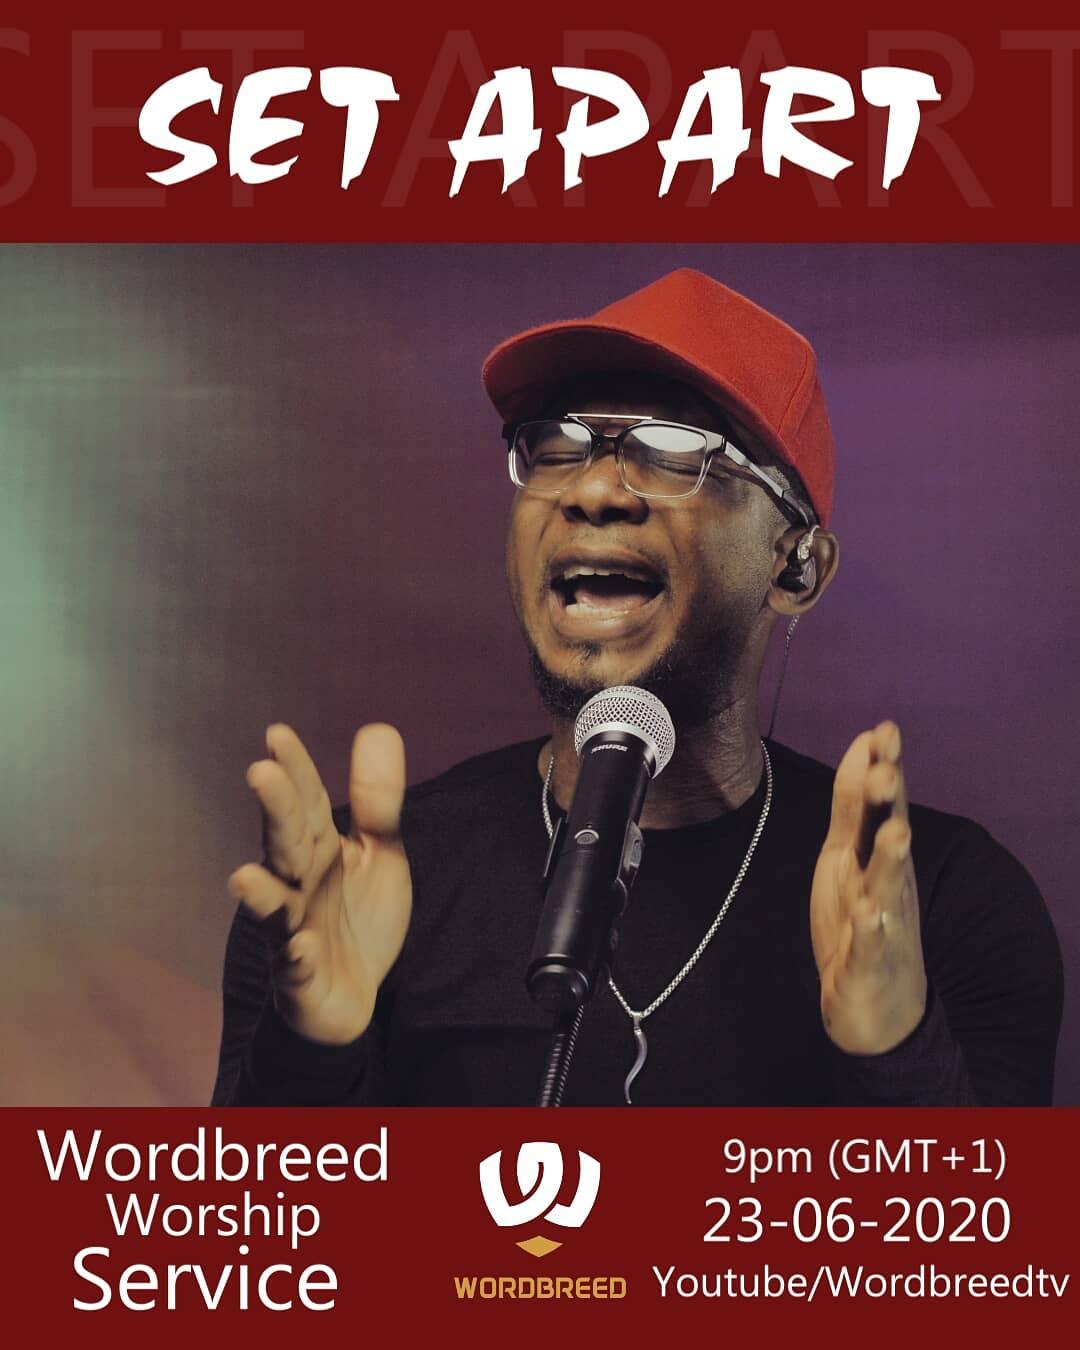 Set Apart - Chris Shalom & Wordbreed